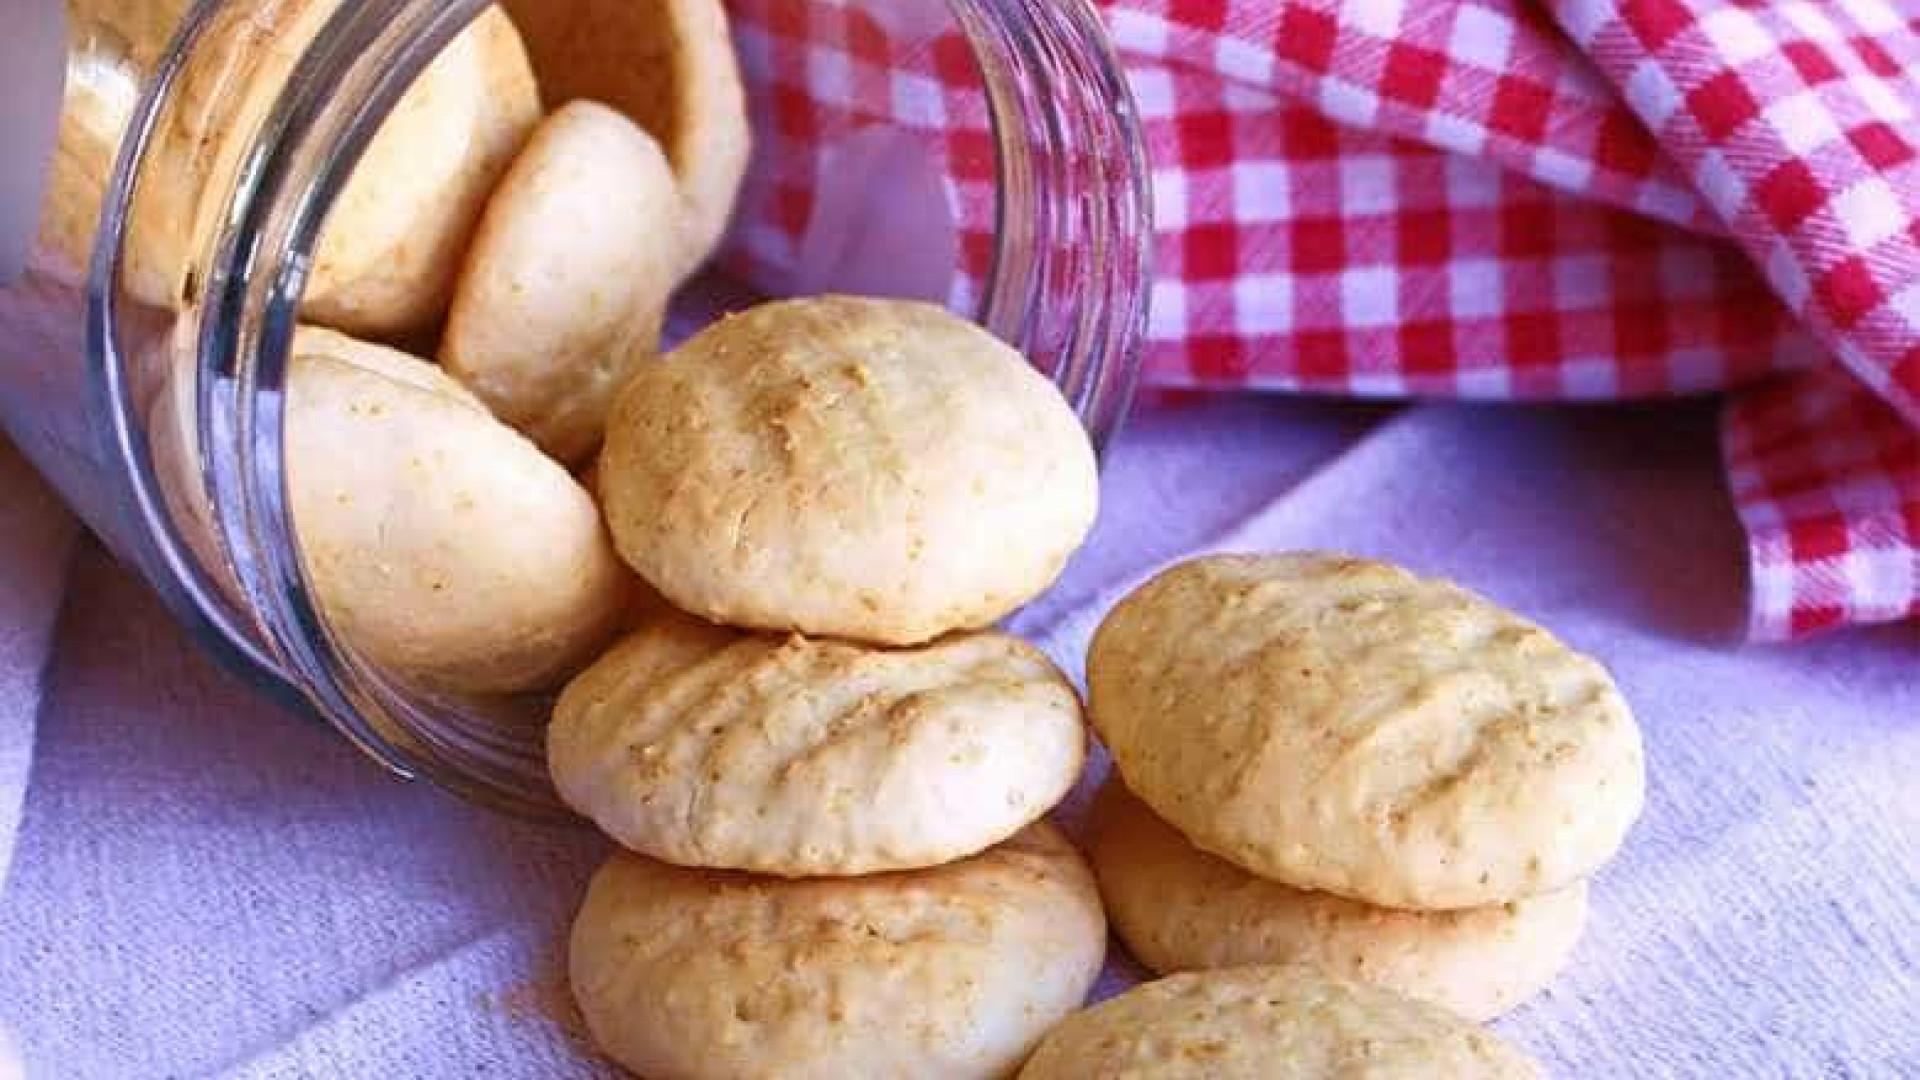 Faça um biscoito amanteigado com apenas 3 ingredientes